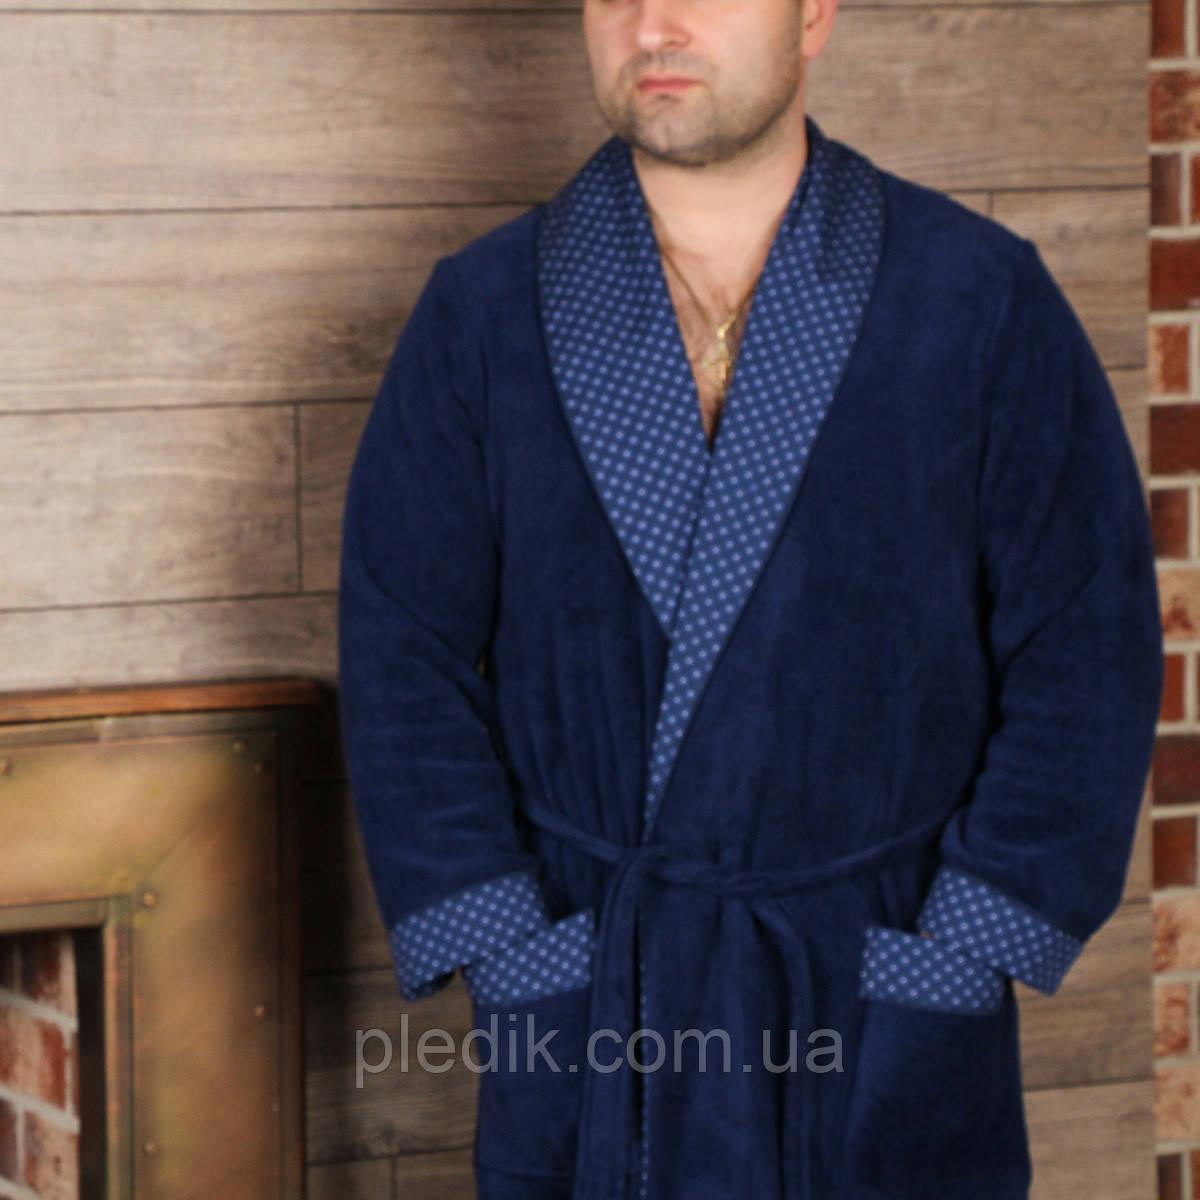 Махровый мужской халат VENTURA. Синий, все размеры.